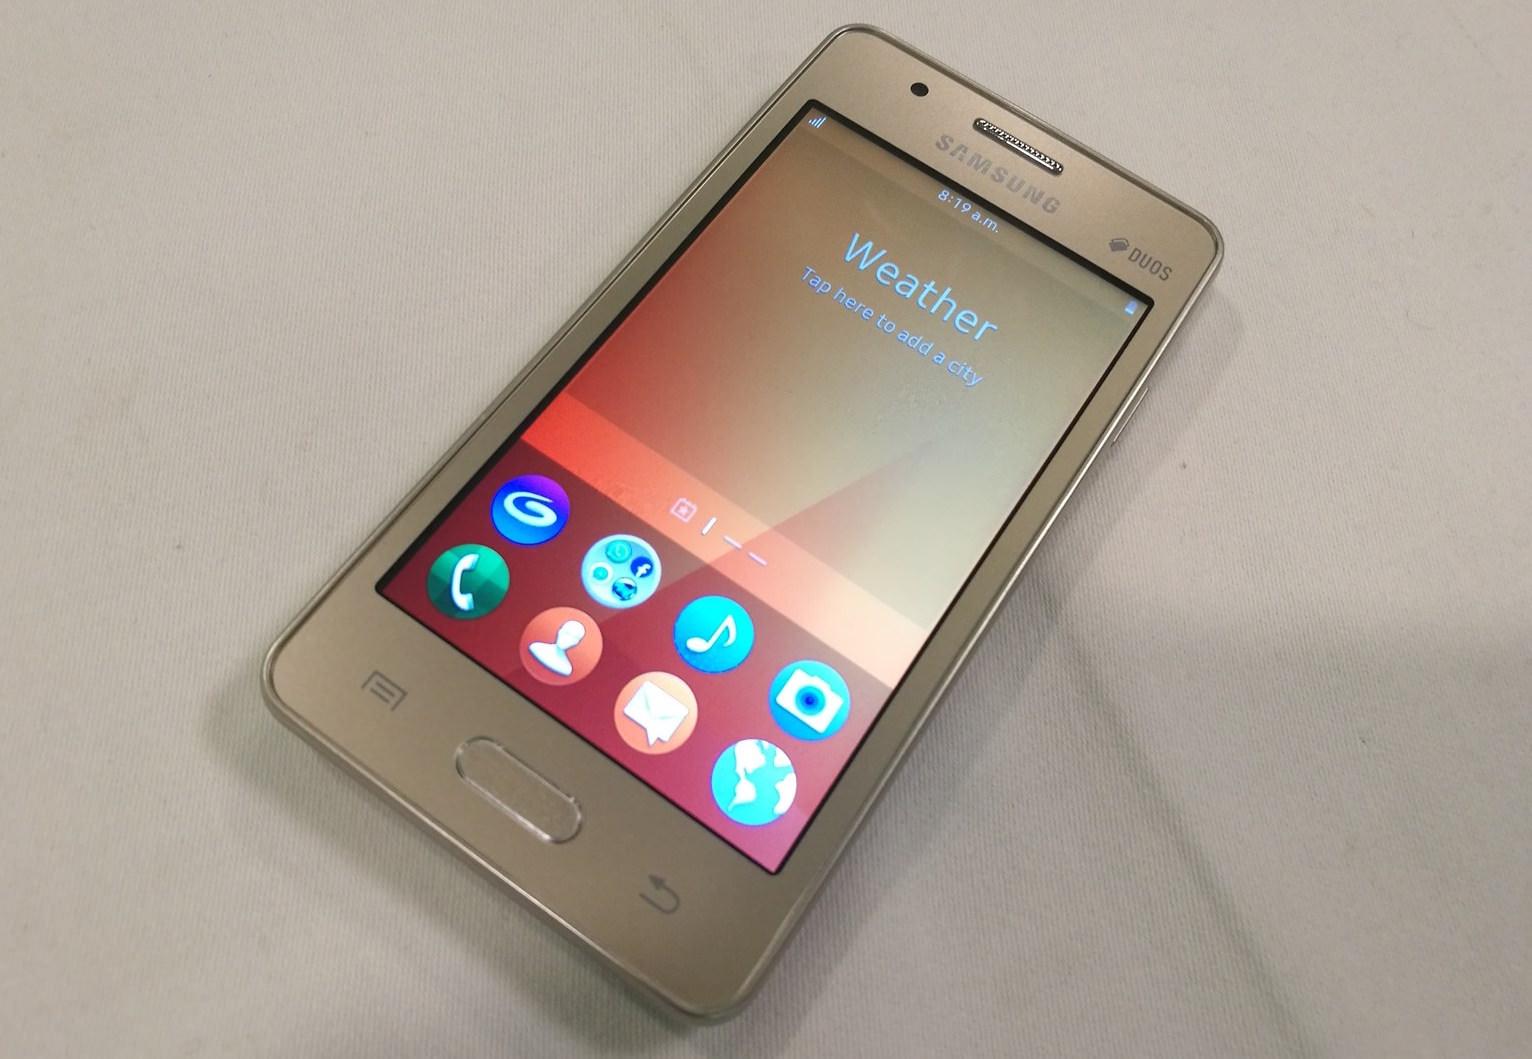 Samsung Z2 Tizen OS 2